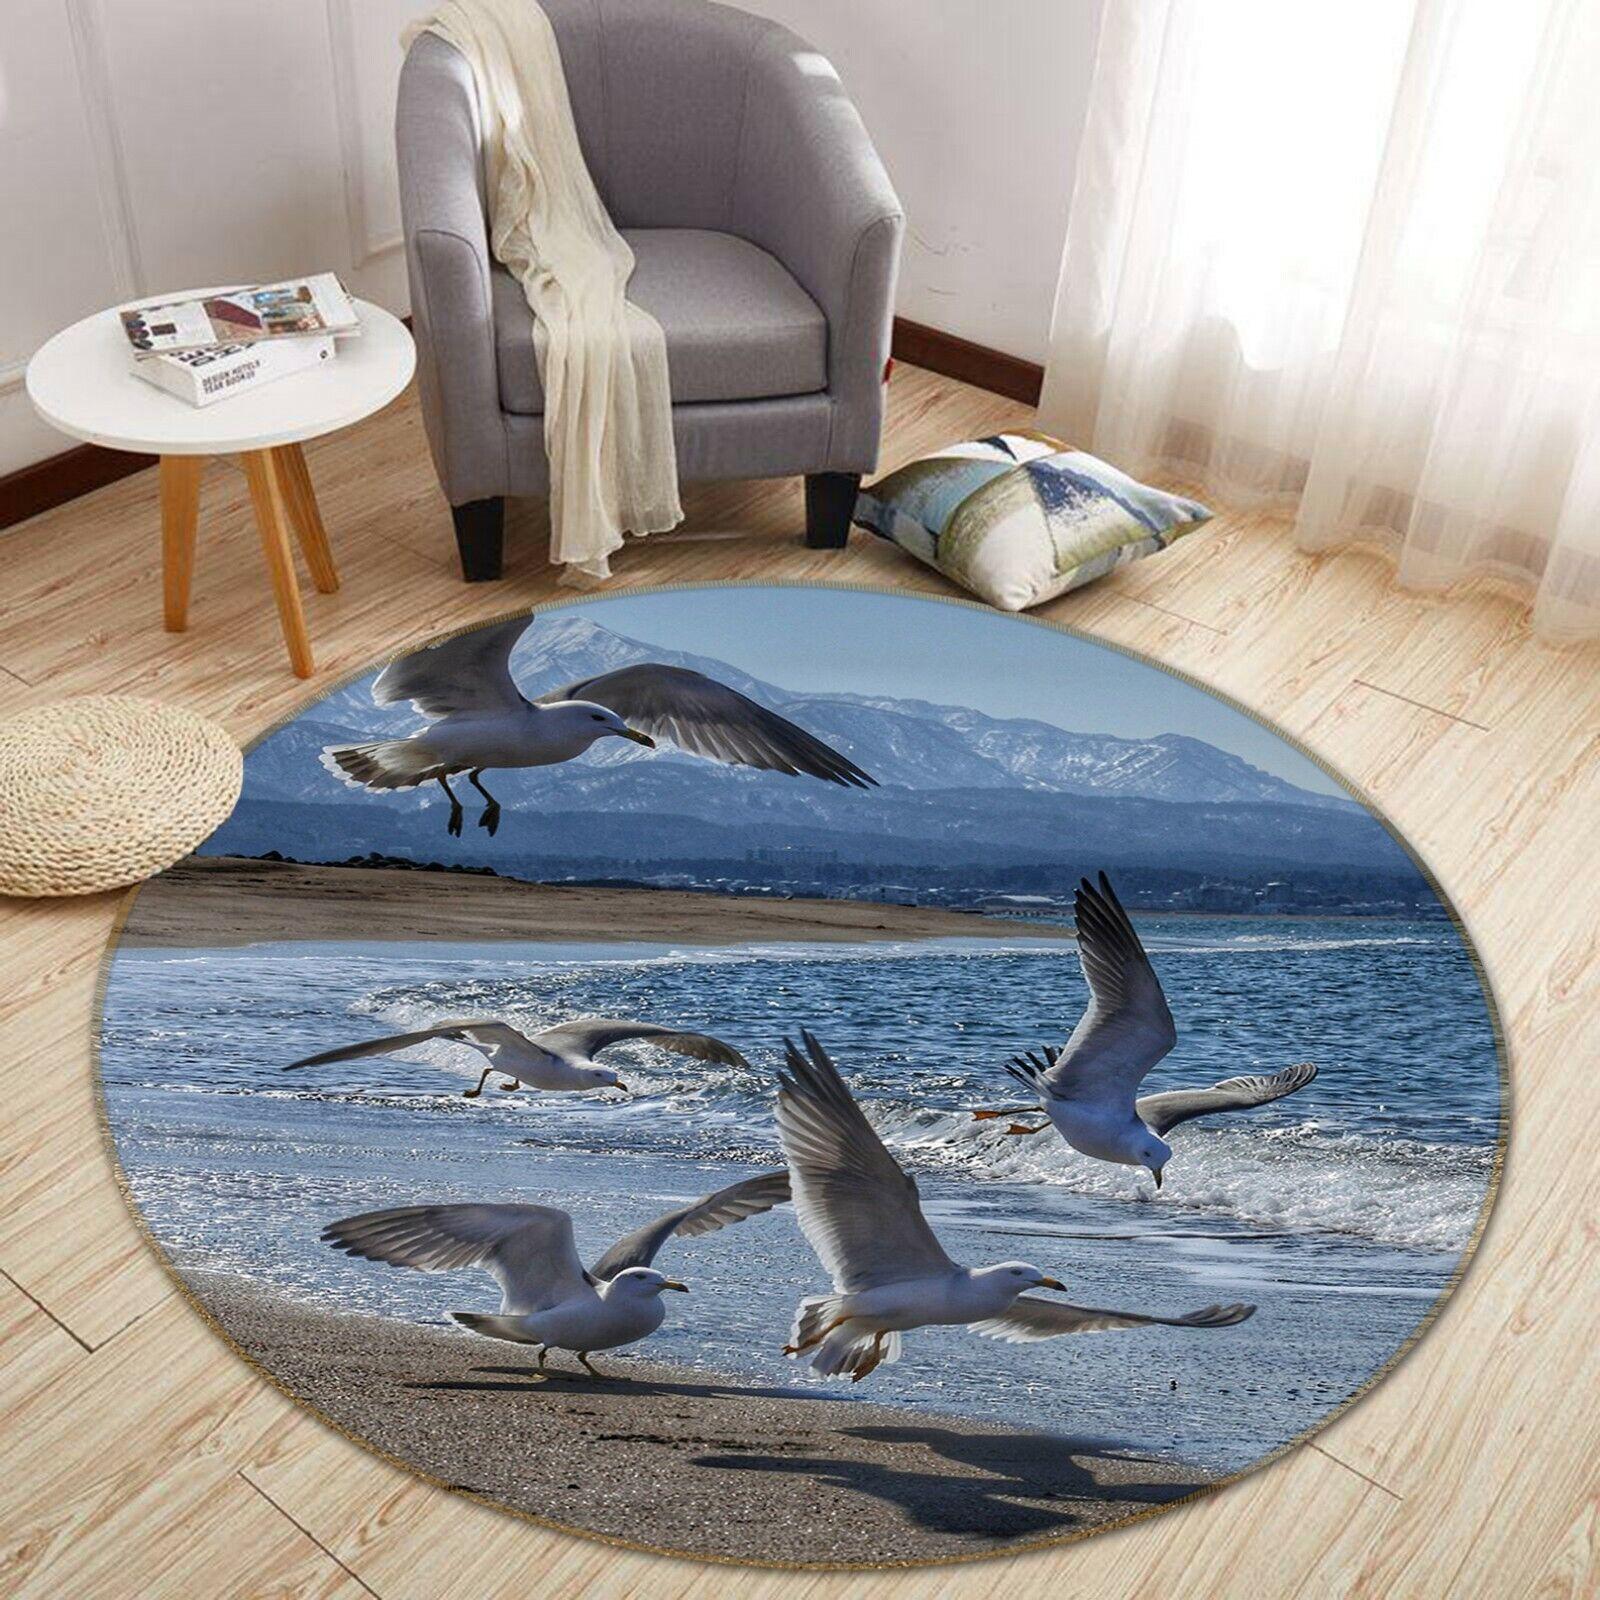 3D Seagull Group Seaside C62 Animal Non Slip Rug Mat Elegant Photo Carpet Zoe